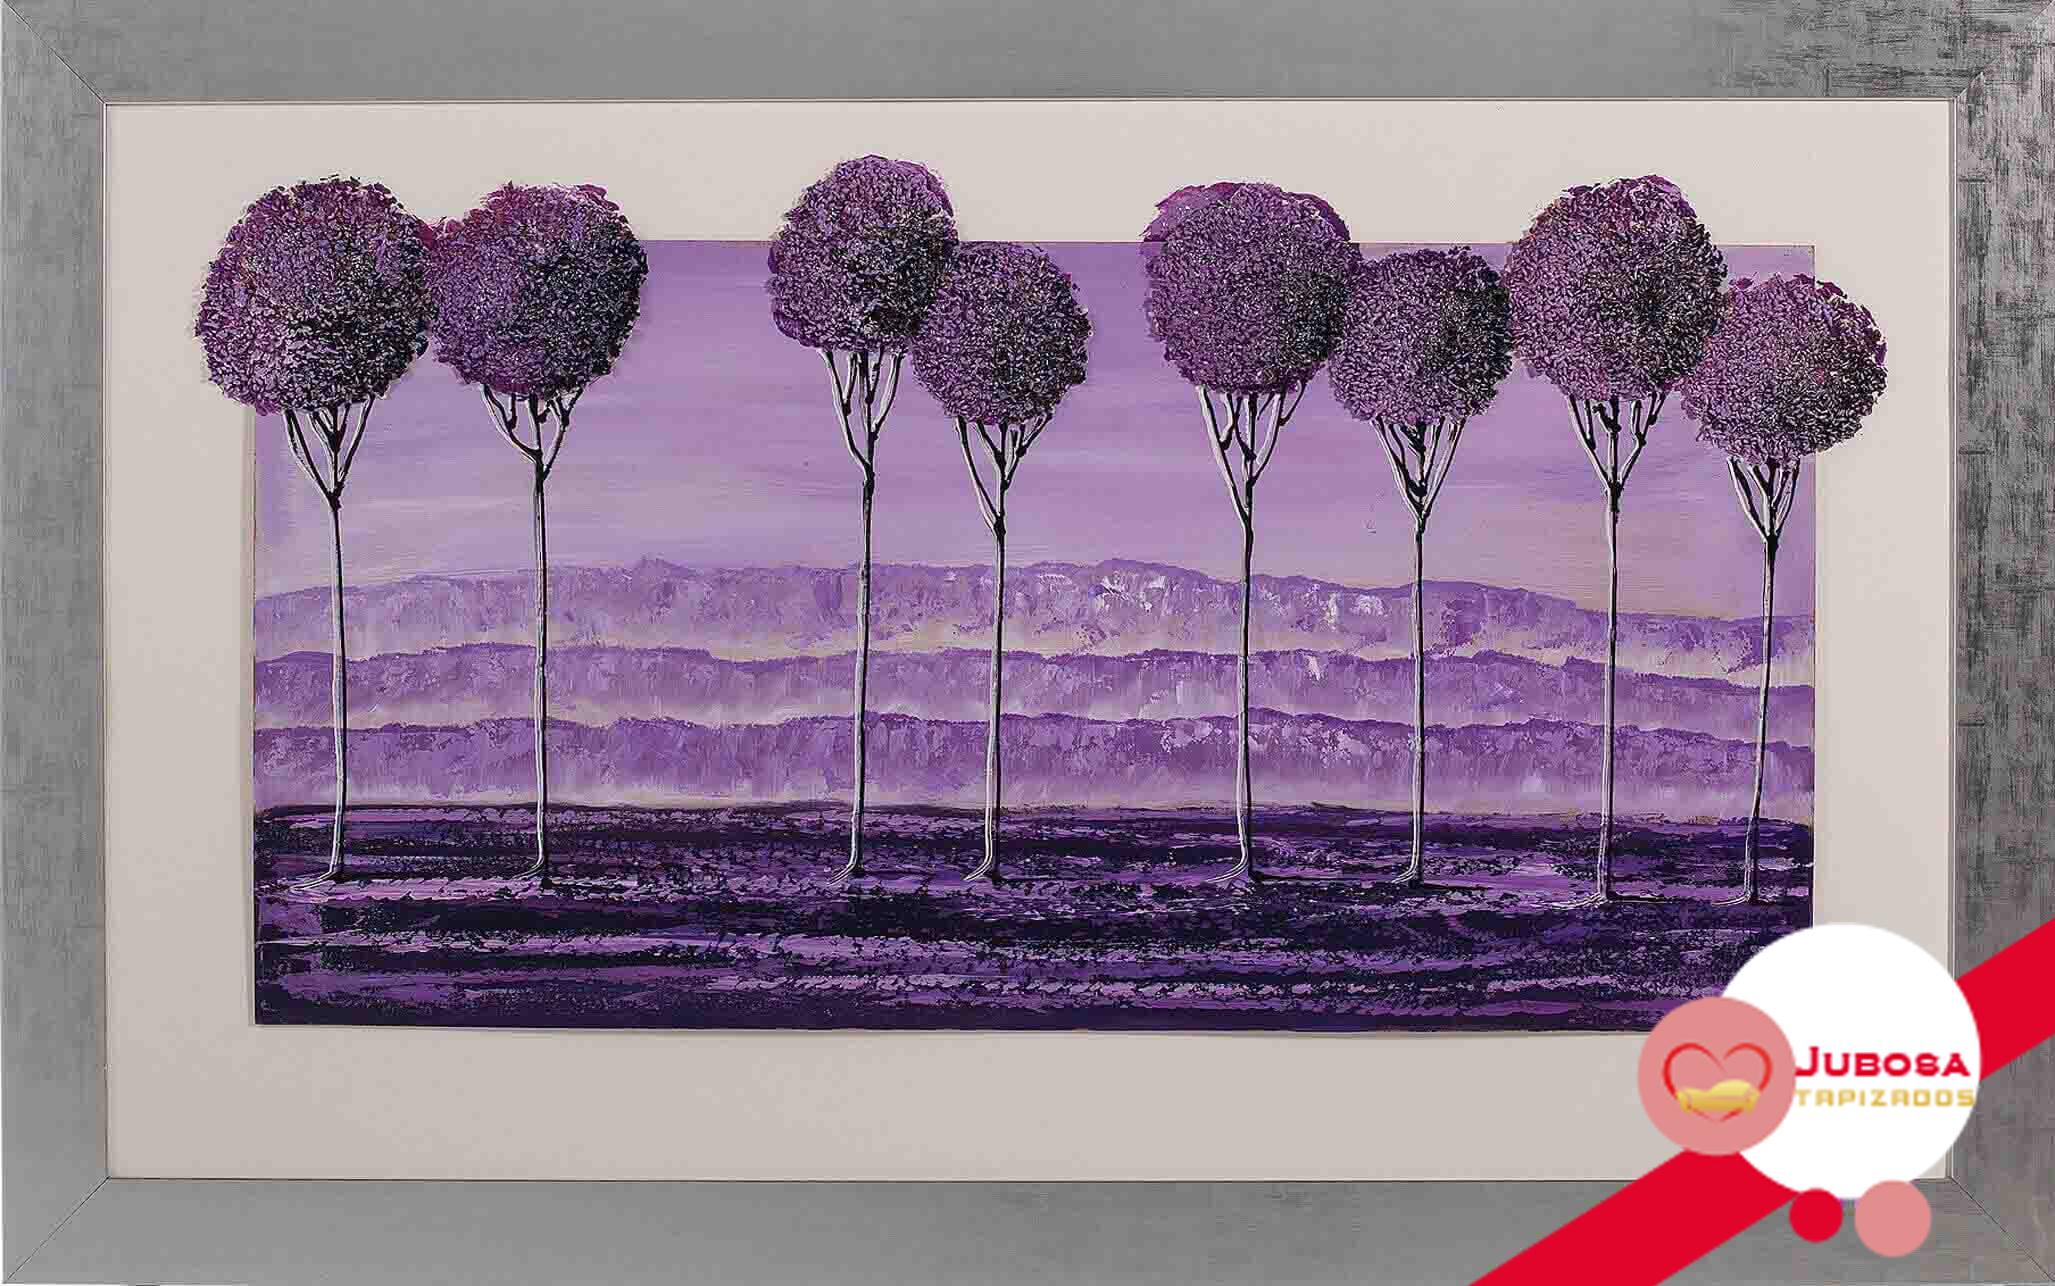 cuadro purpura tapizados jubosa